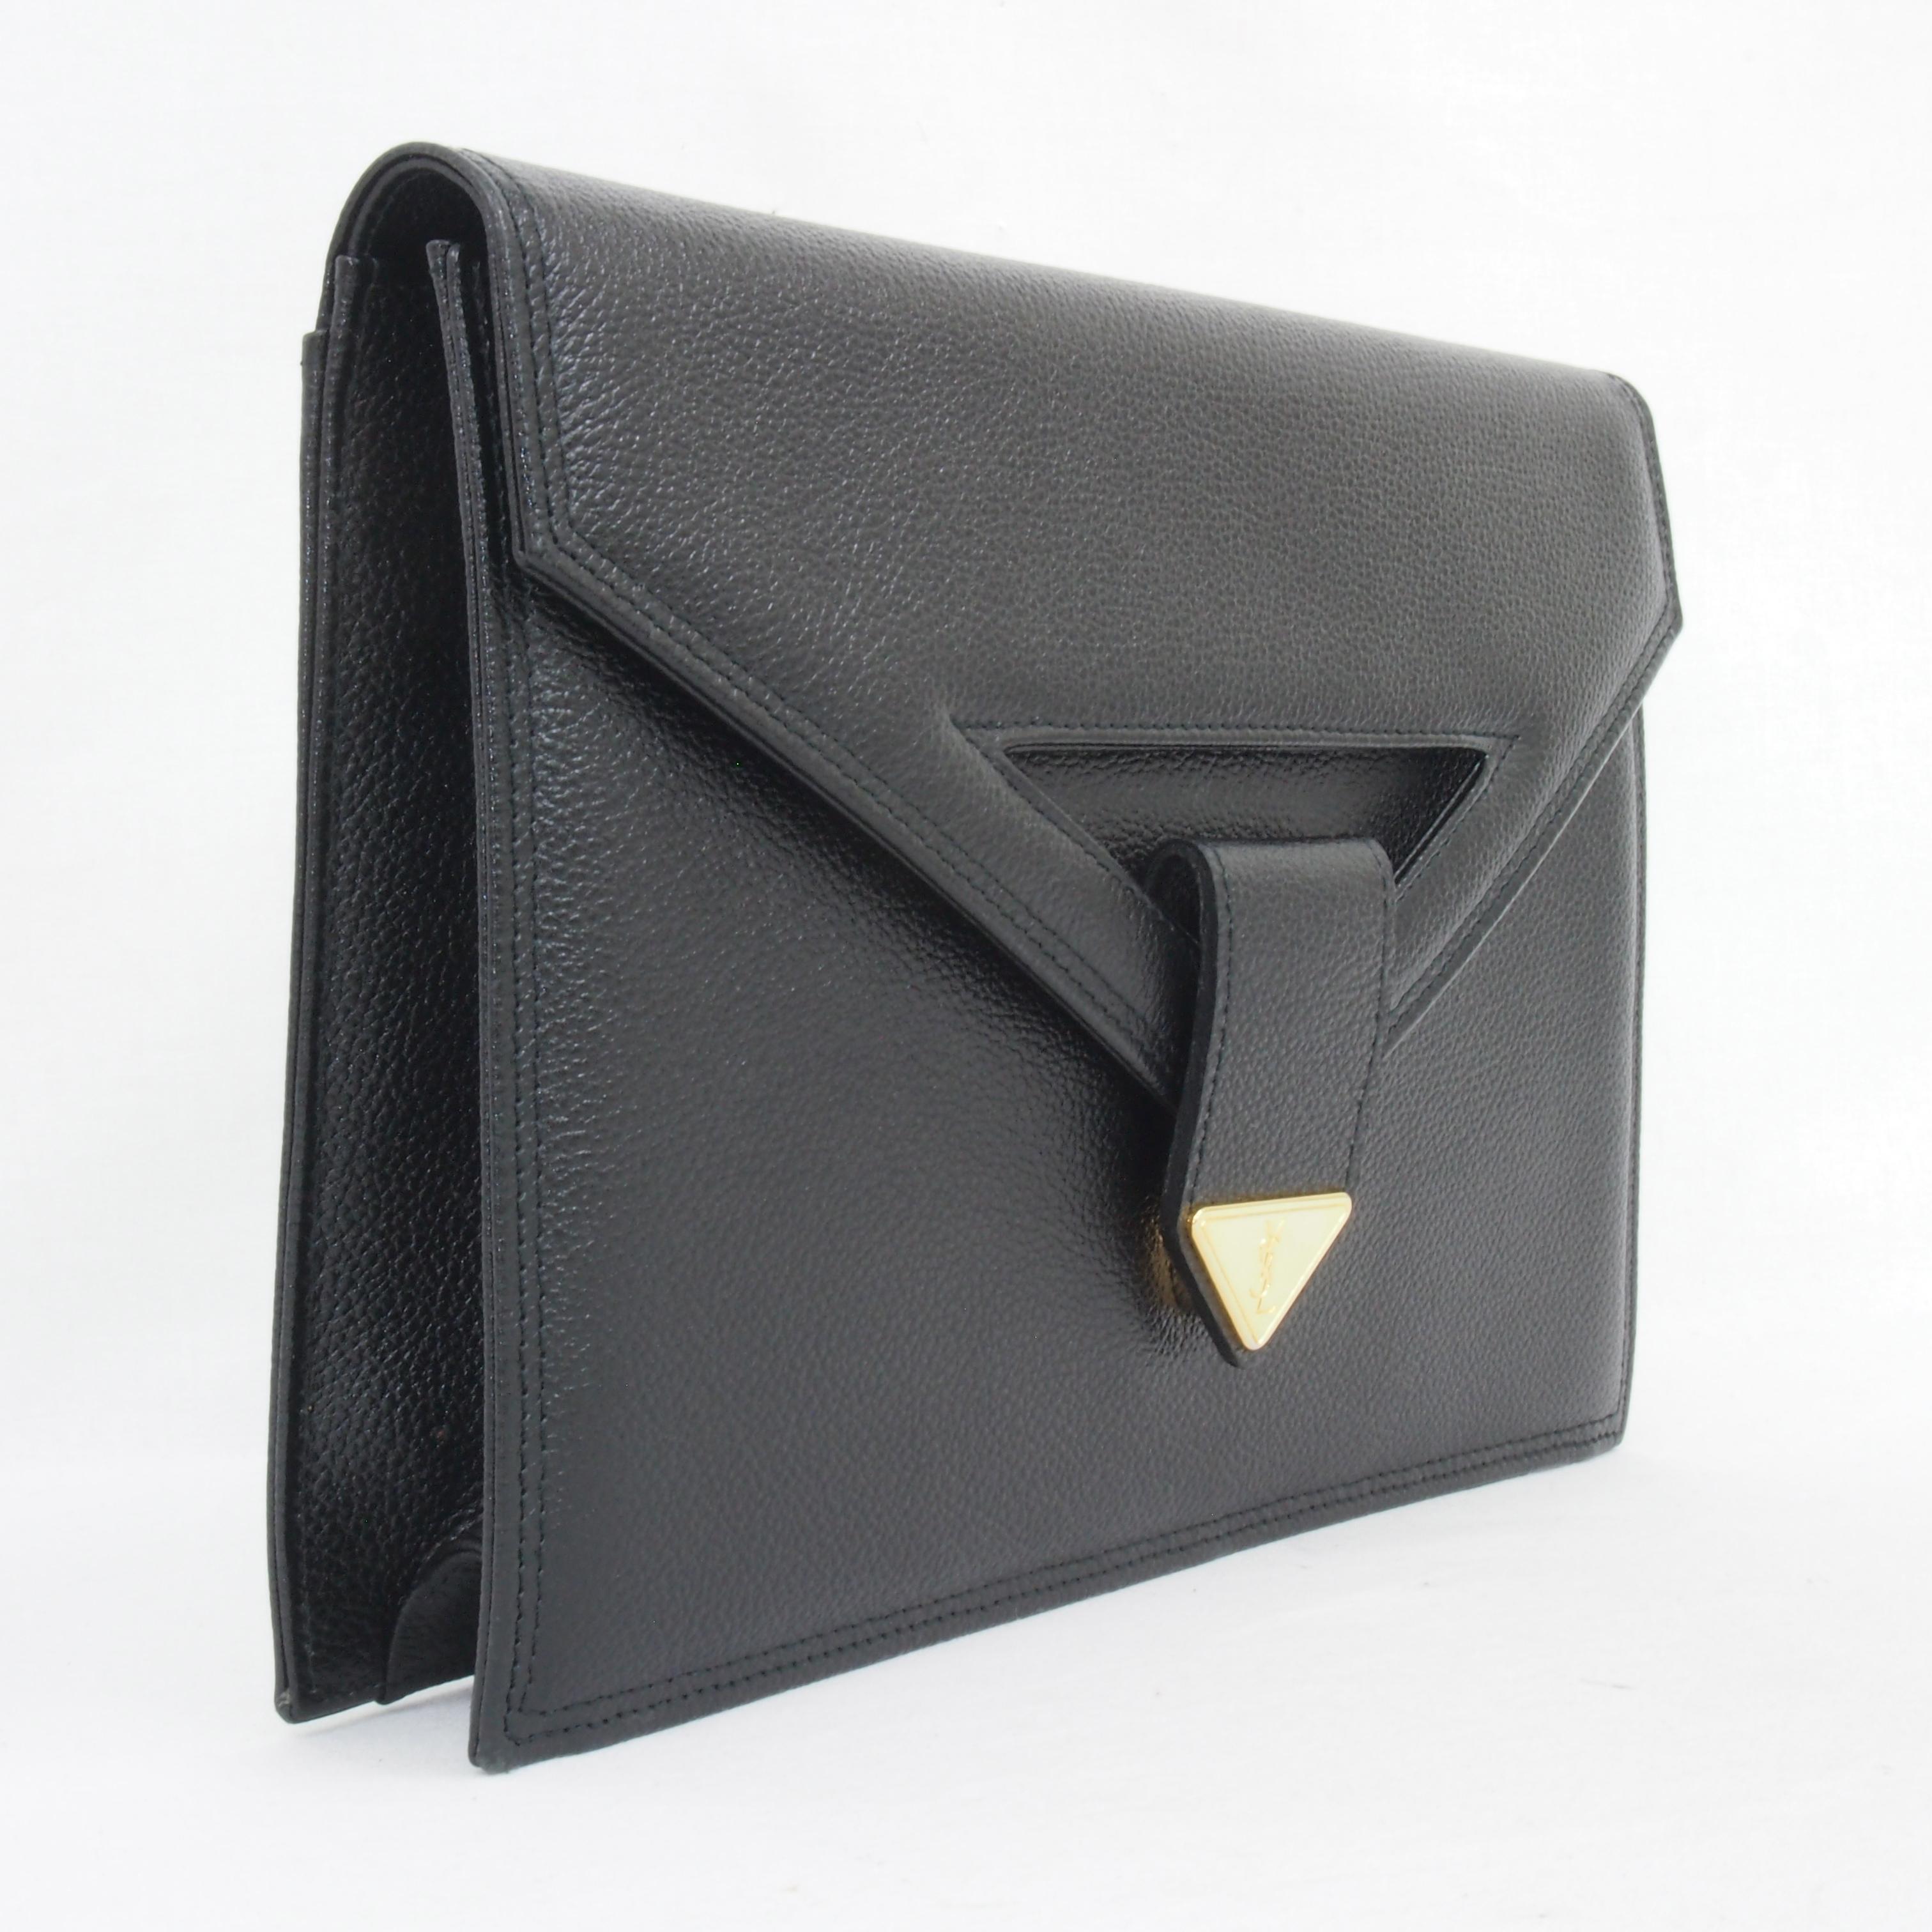 Vintage Yves Saint Laurent YSL Envelope Clutch Bag Bat Y Flap Mint ...